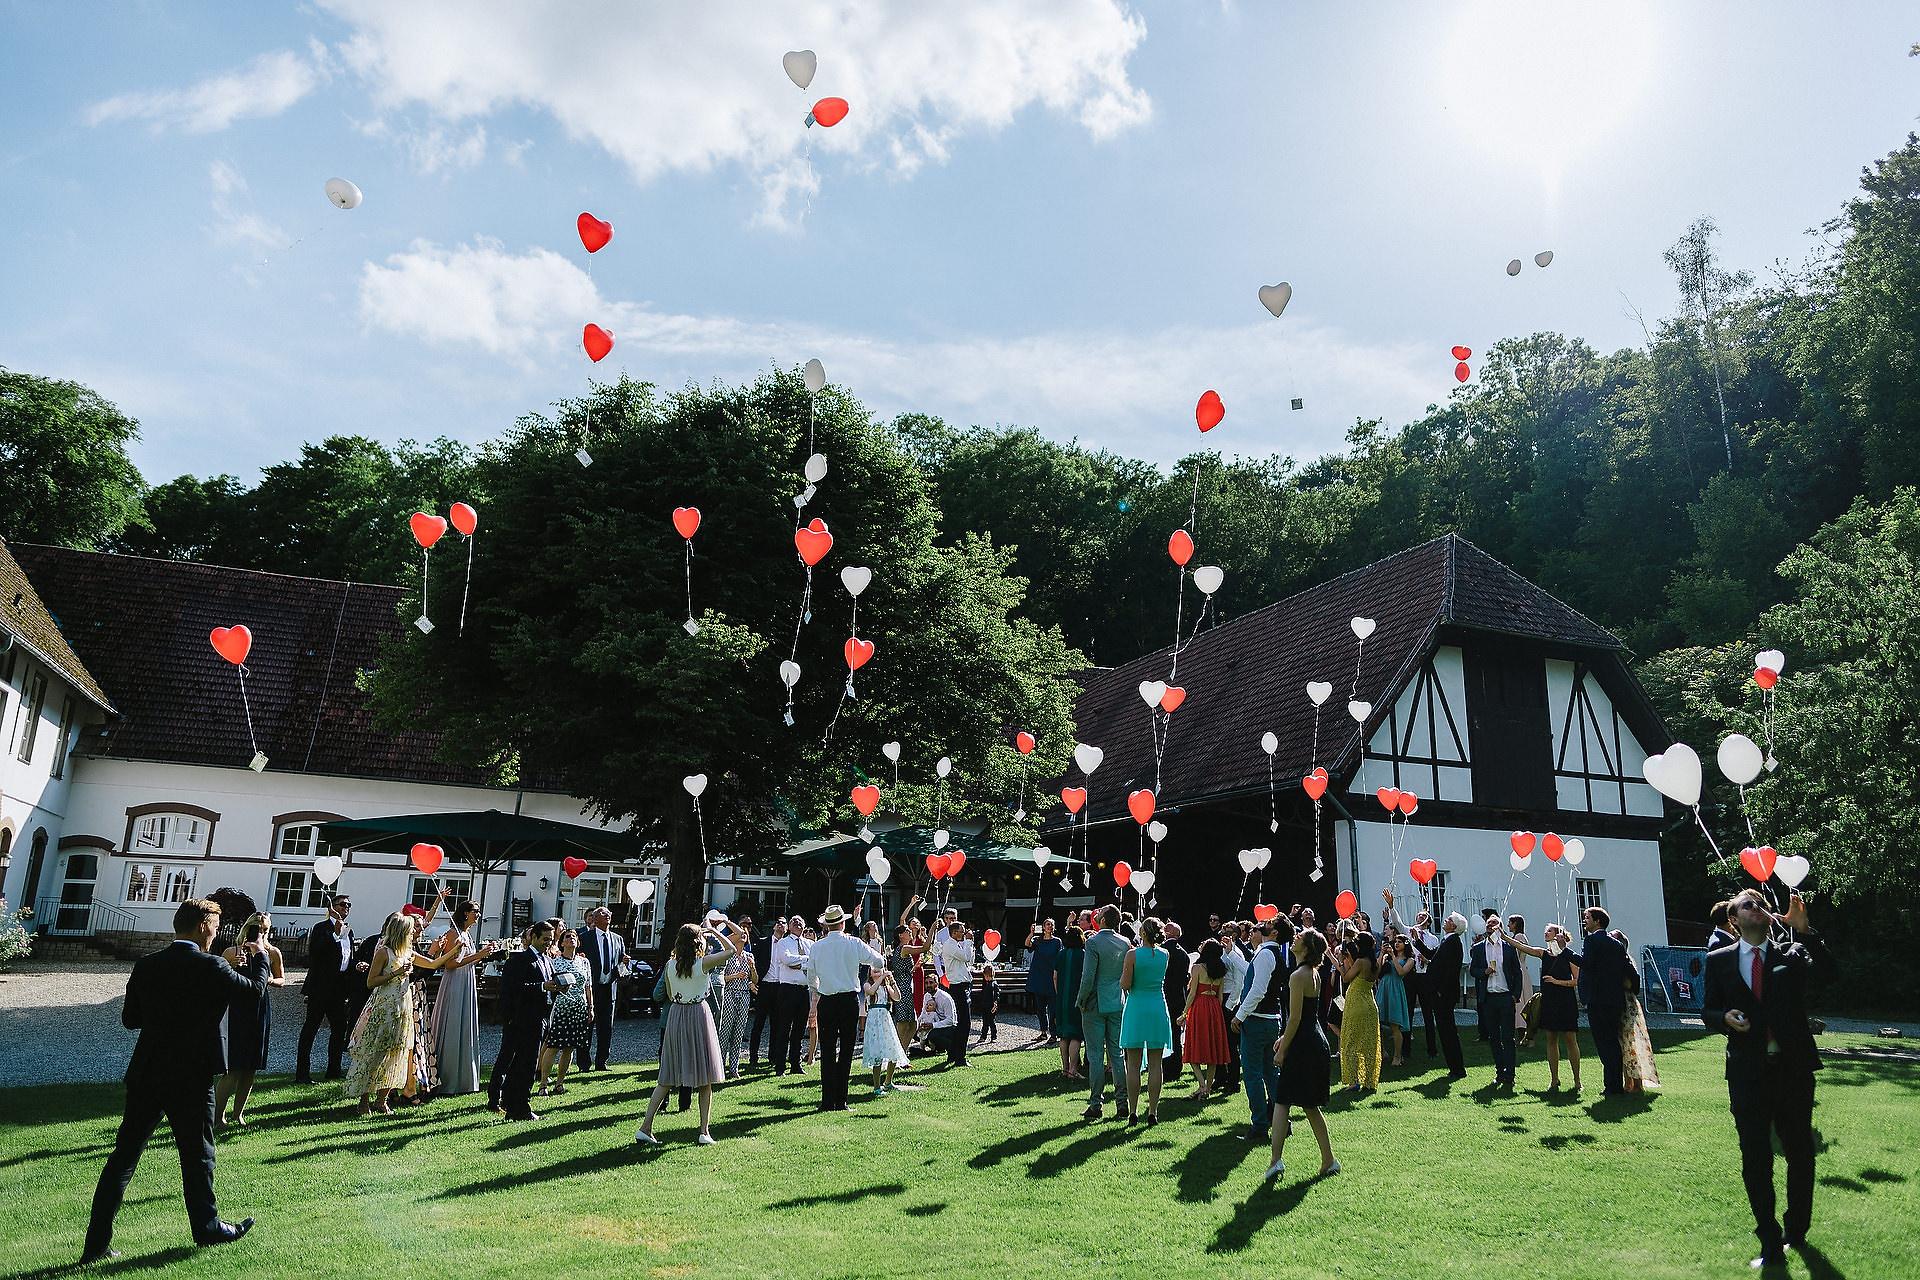 Fotograf Konstanz - Hochzeitsreportage Freiburg Hofgut Lilienhof Hochzeit Fotograf Konstanz 61 - Hochzeit in Freiburg und Hofgut Lilienhof  - 155 -